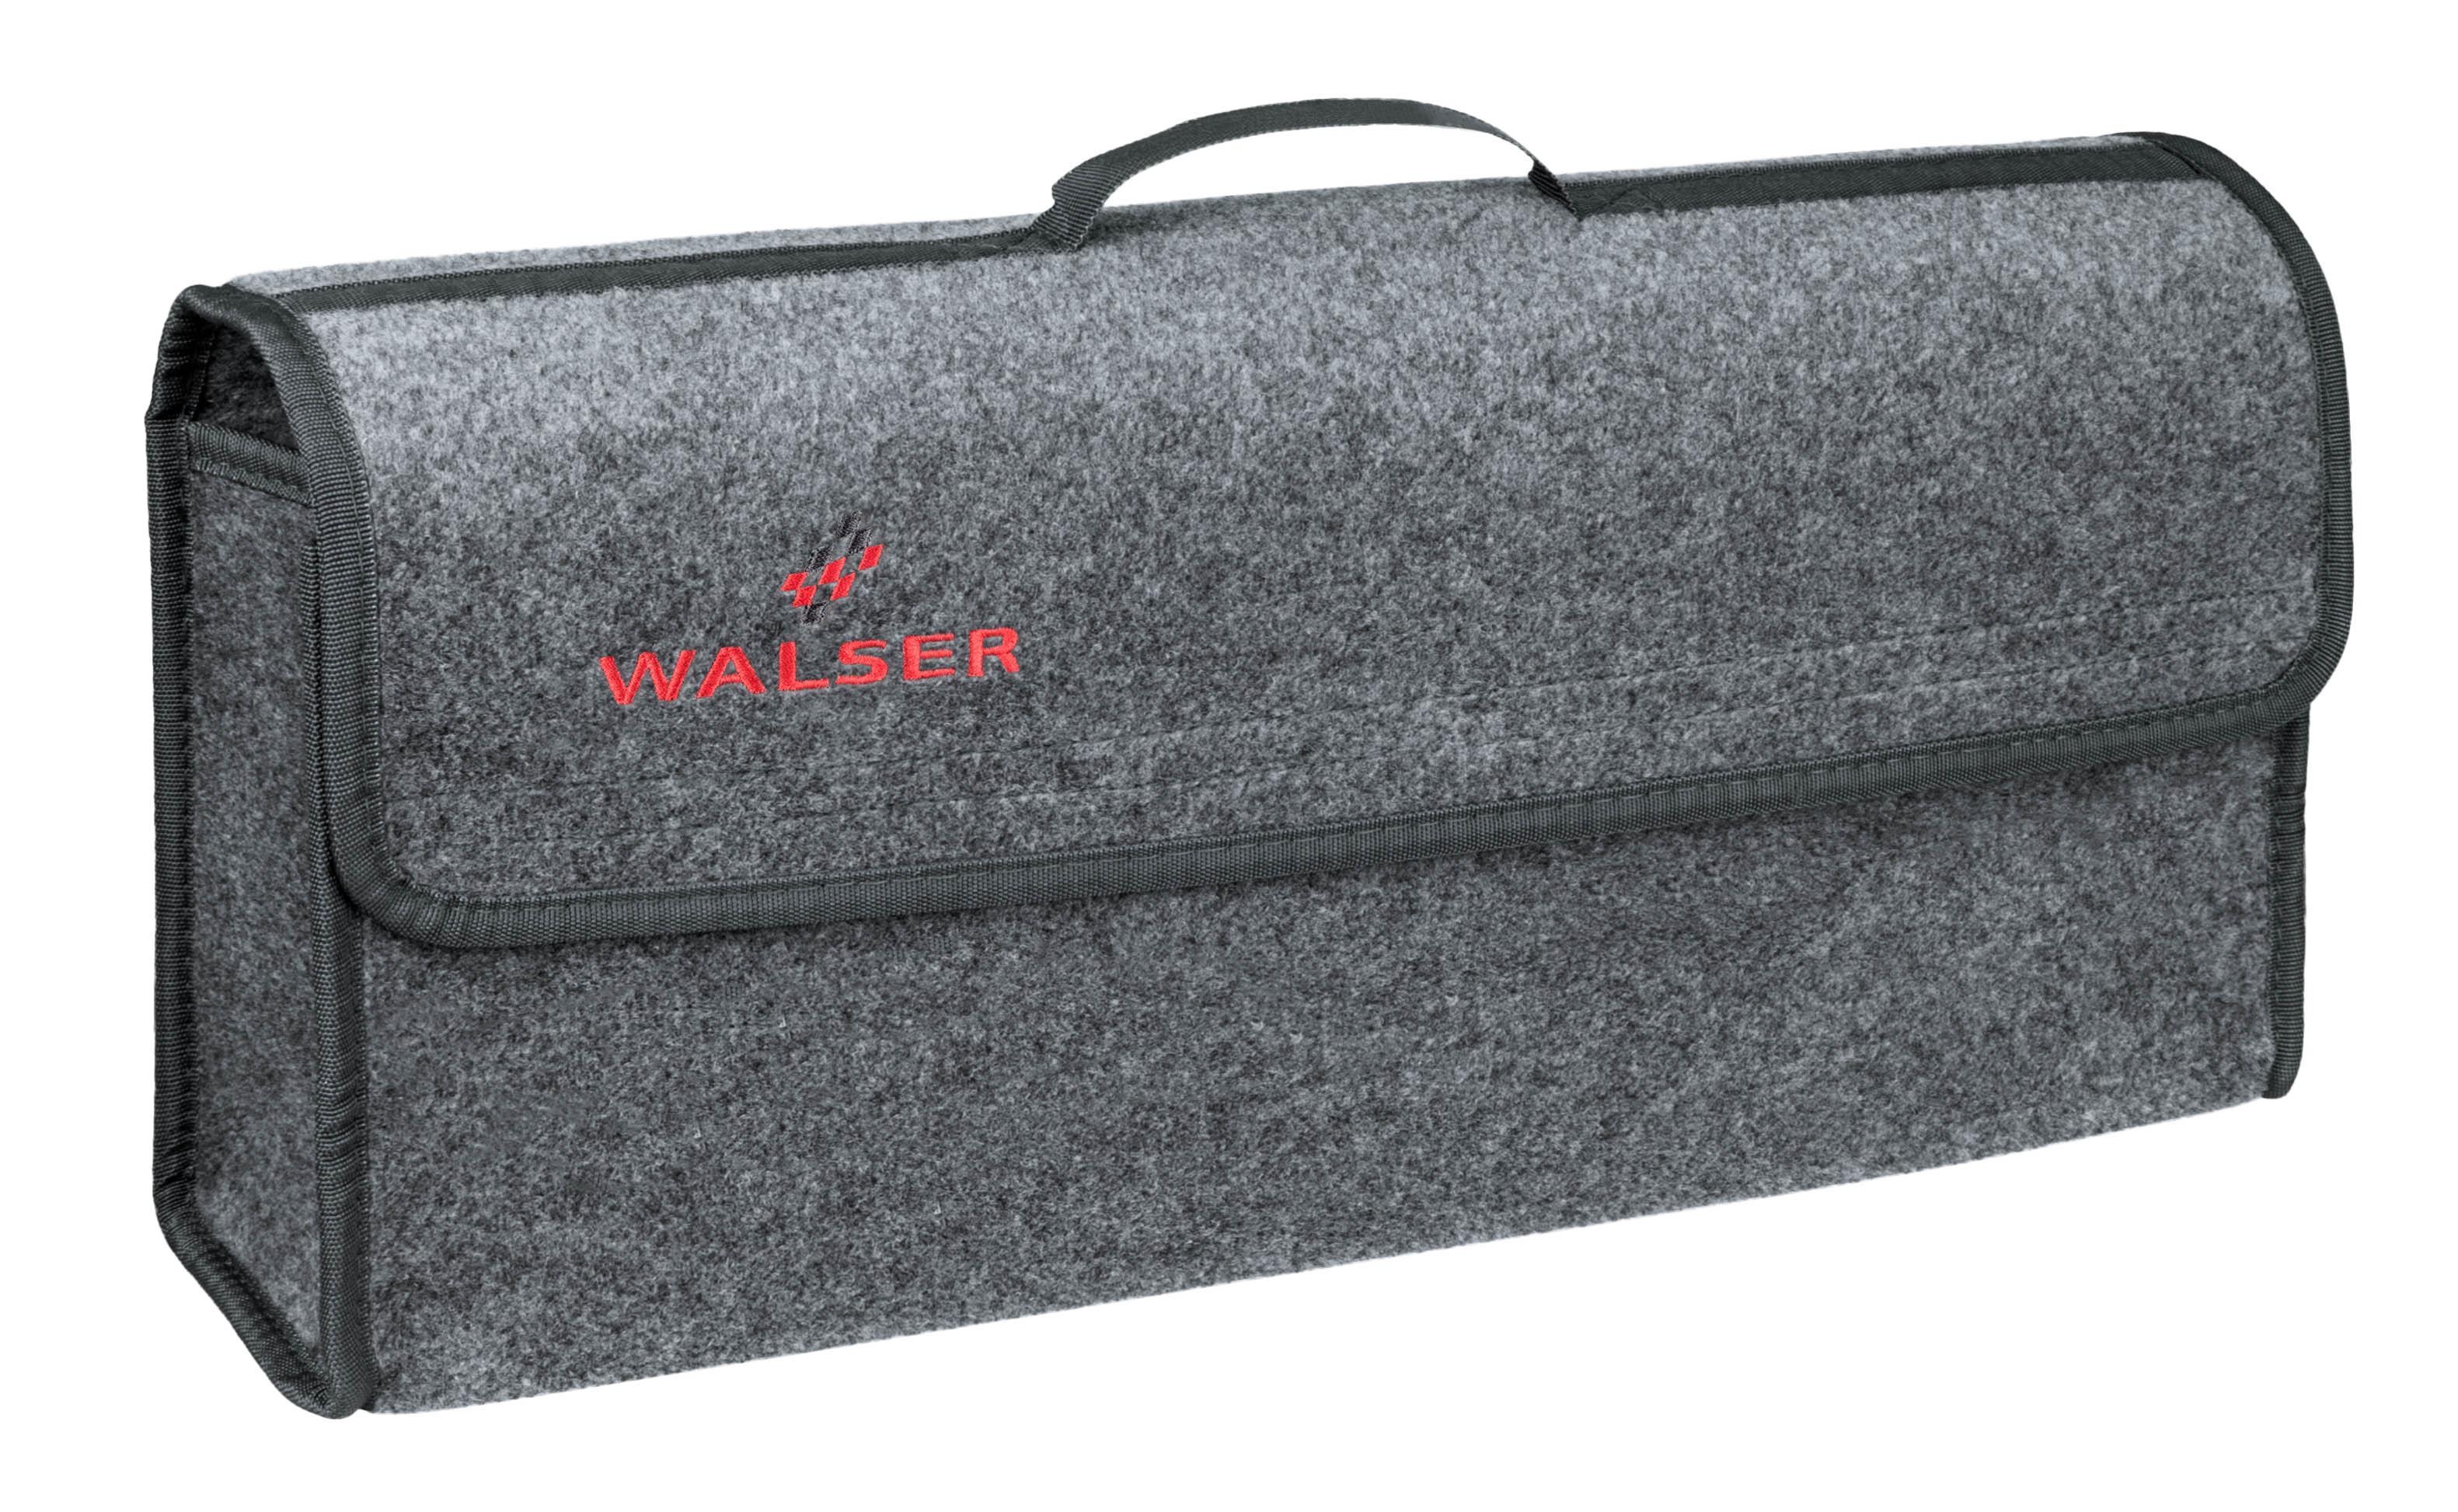 Koffer- / Laderaumtasche 30304 WALSER 30304 in Original Qualität